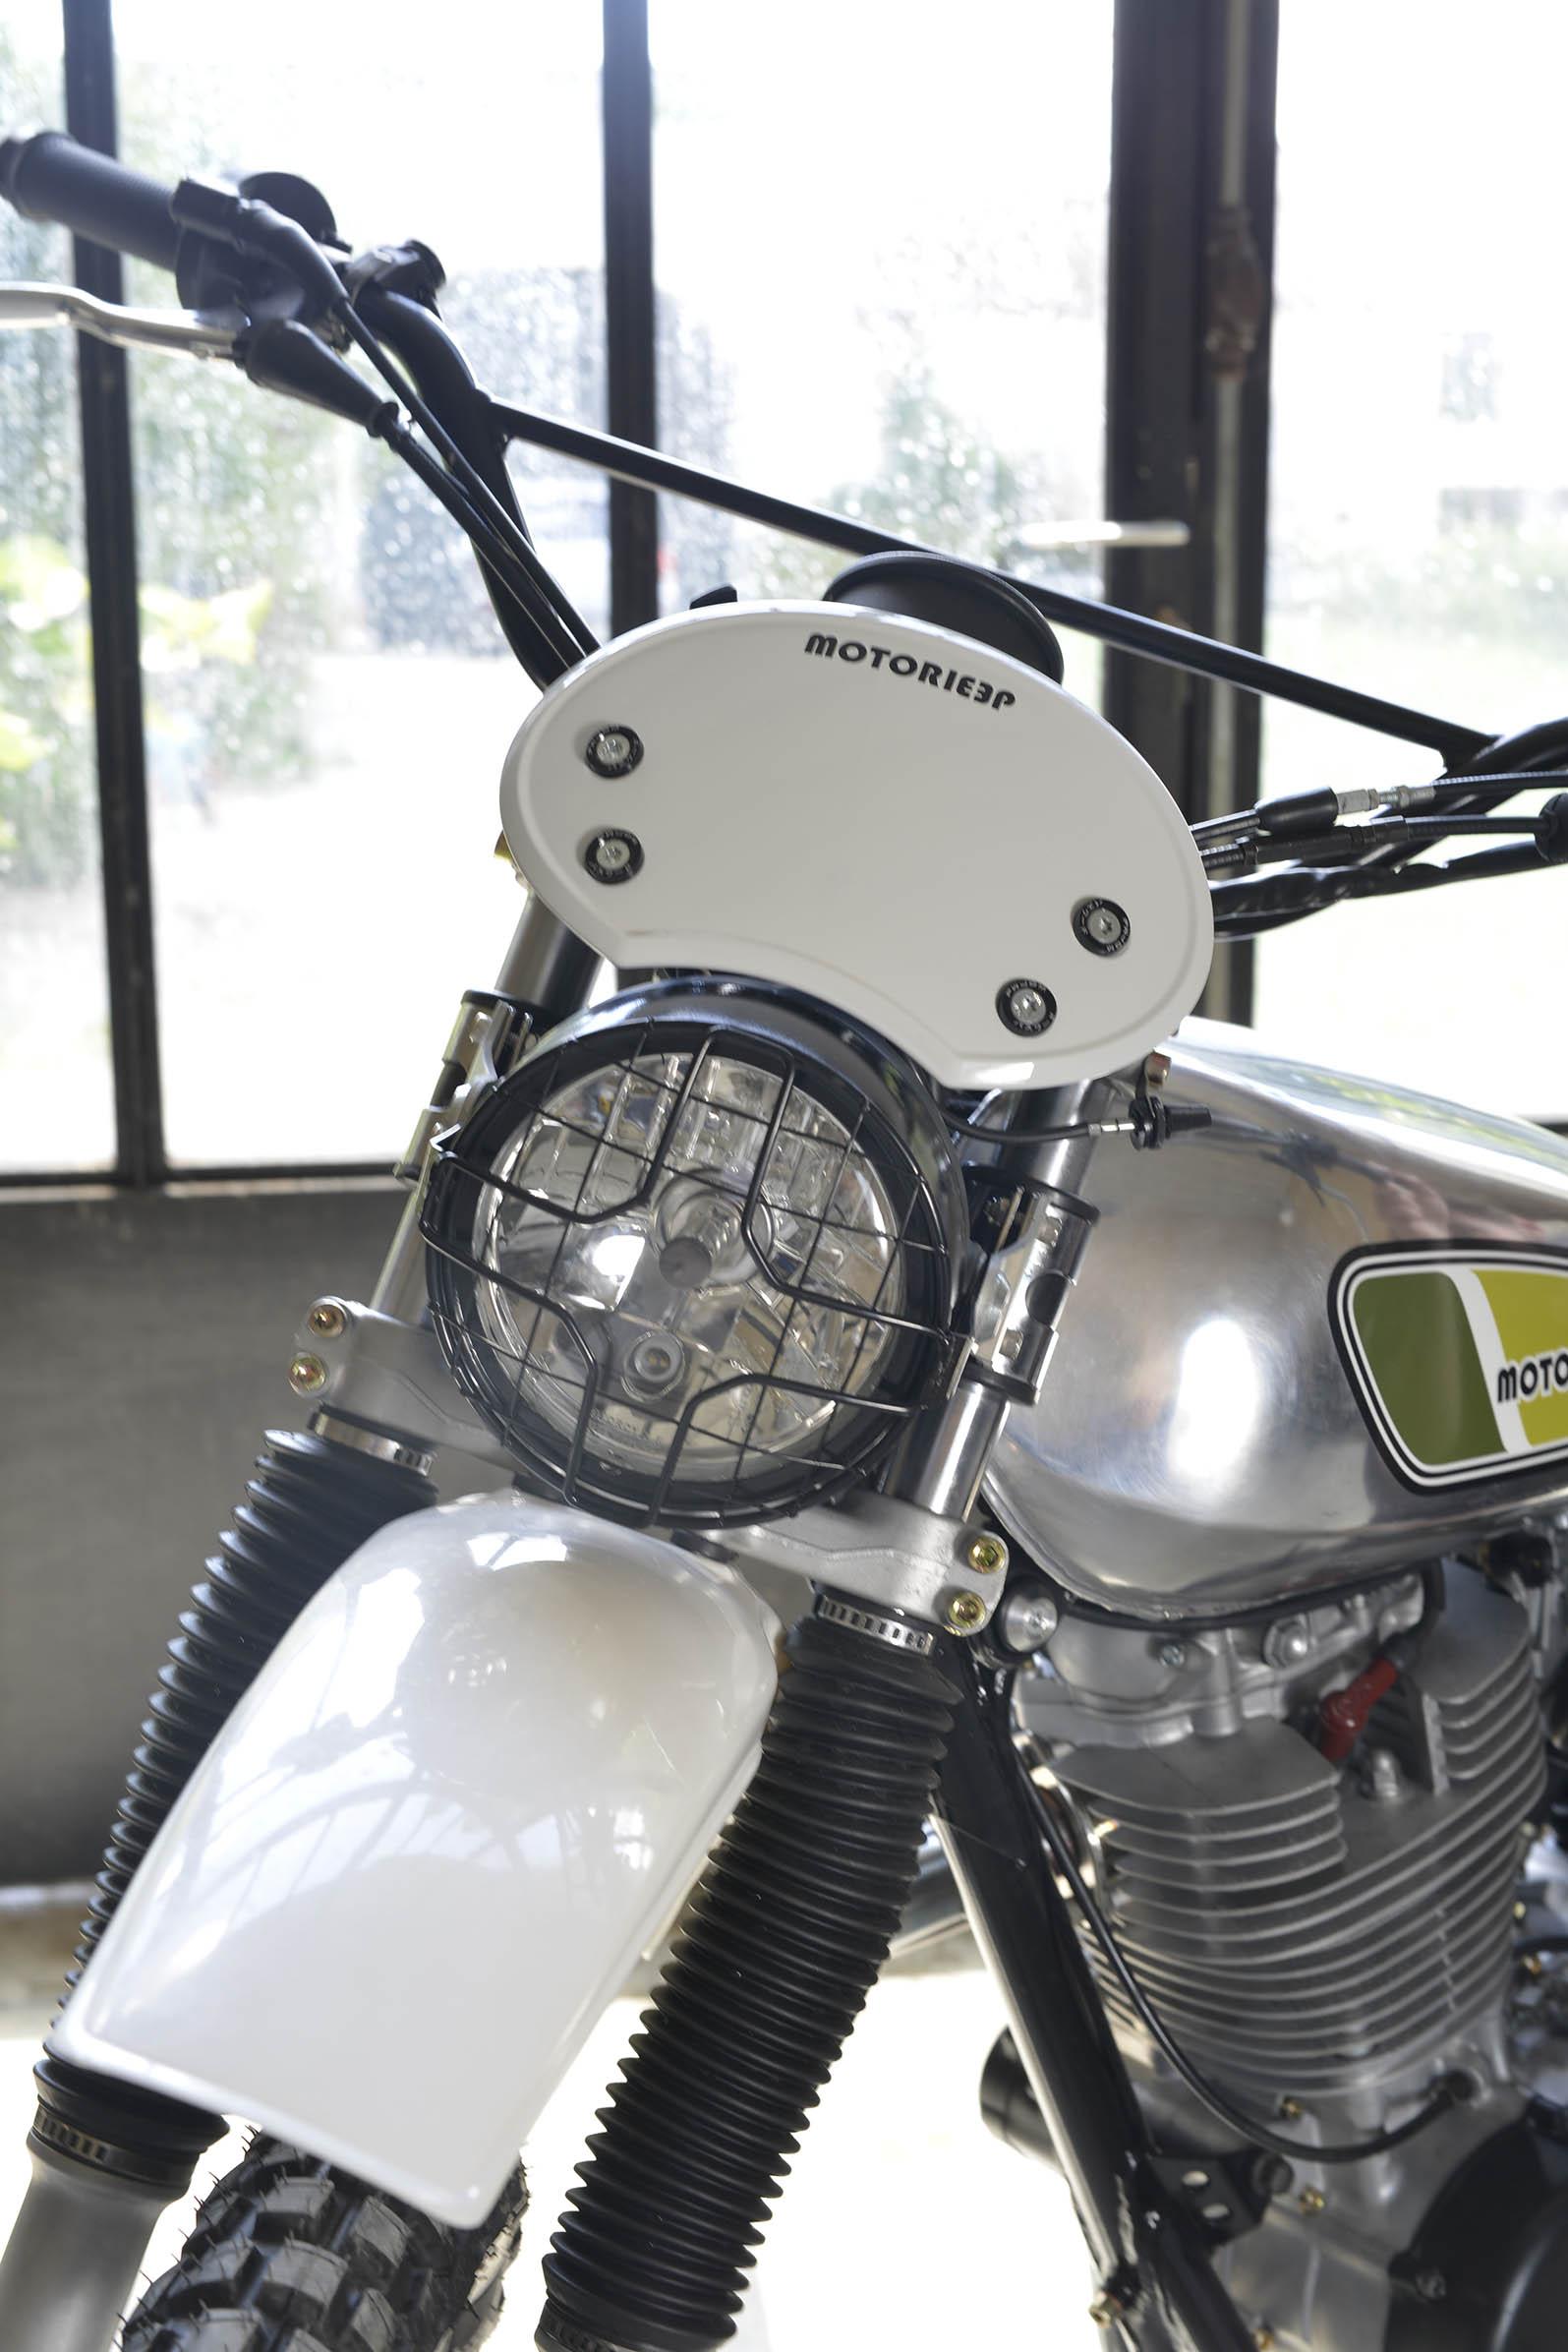 motorieep 500 XT 80 7